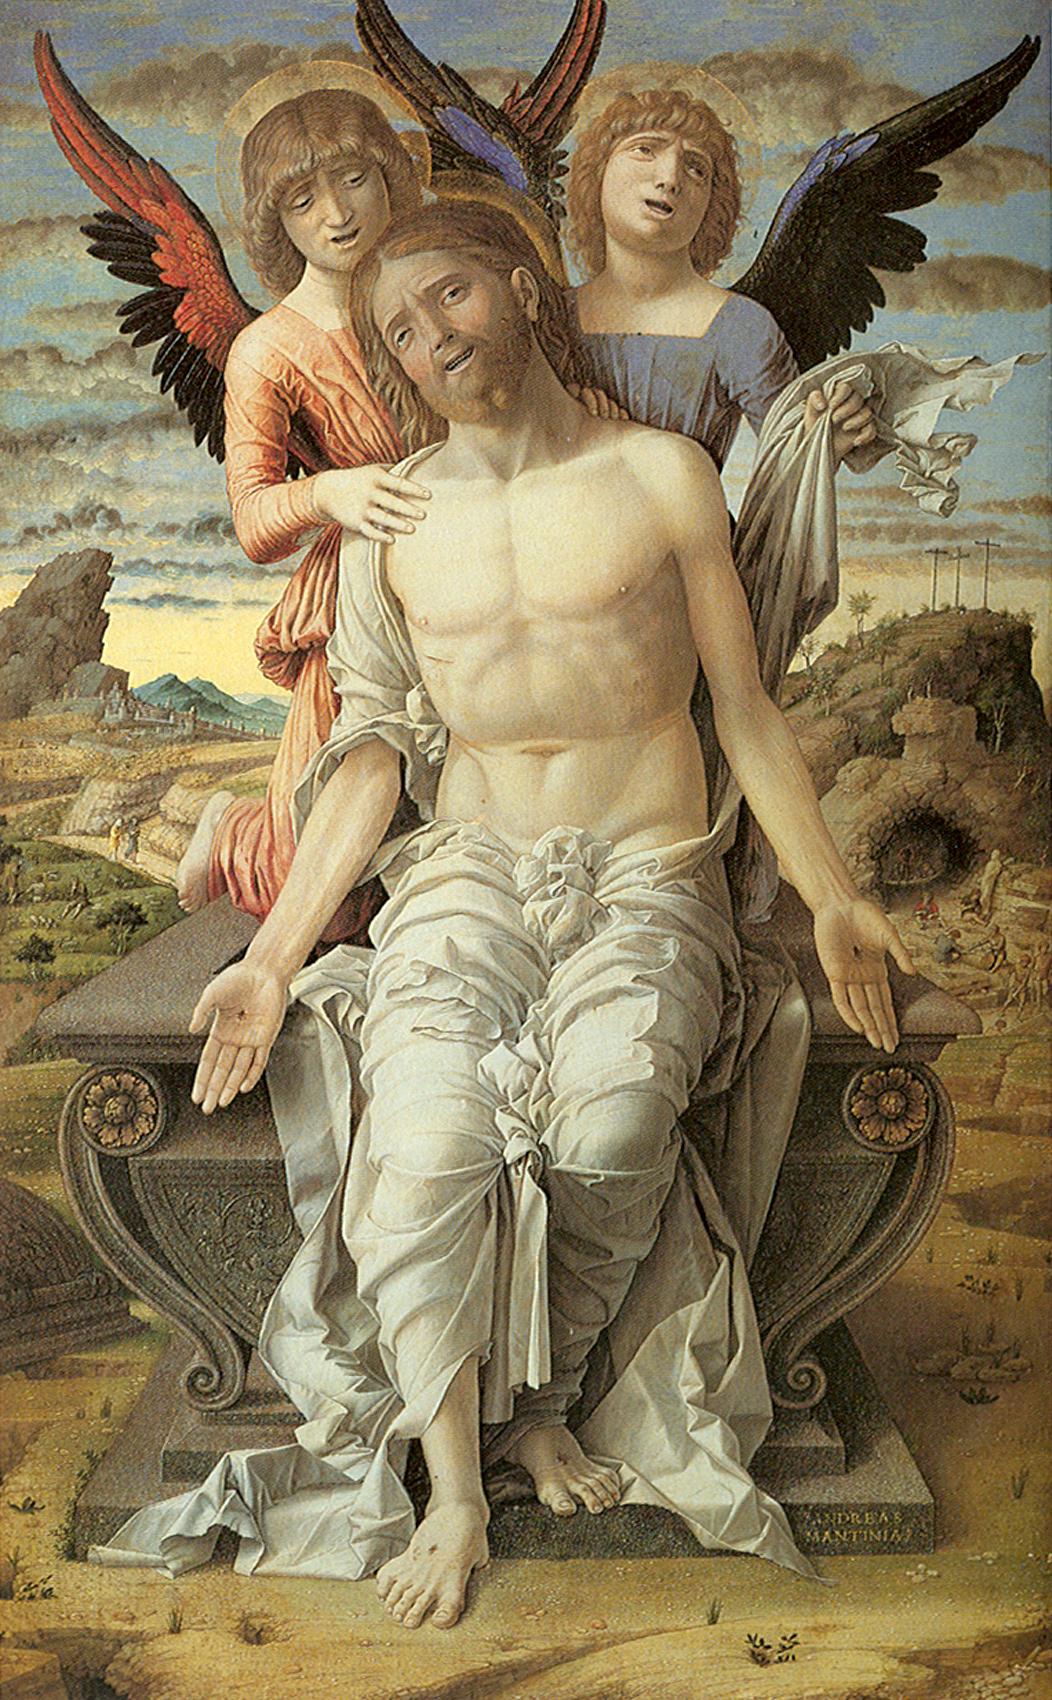 https://i2.wp.com/upload.wikimedia.org/wikipedia/commons/8/89/Andrea_Mantegna_035.jpg